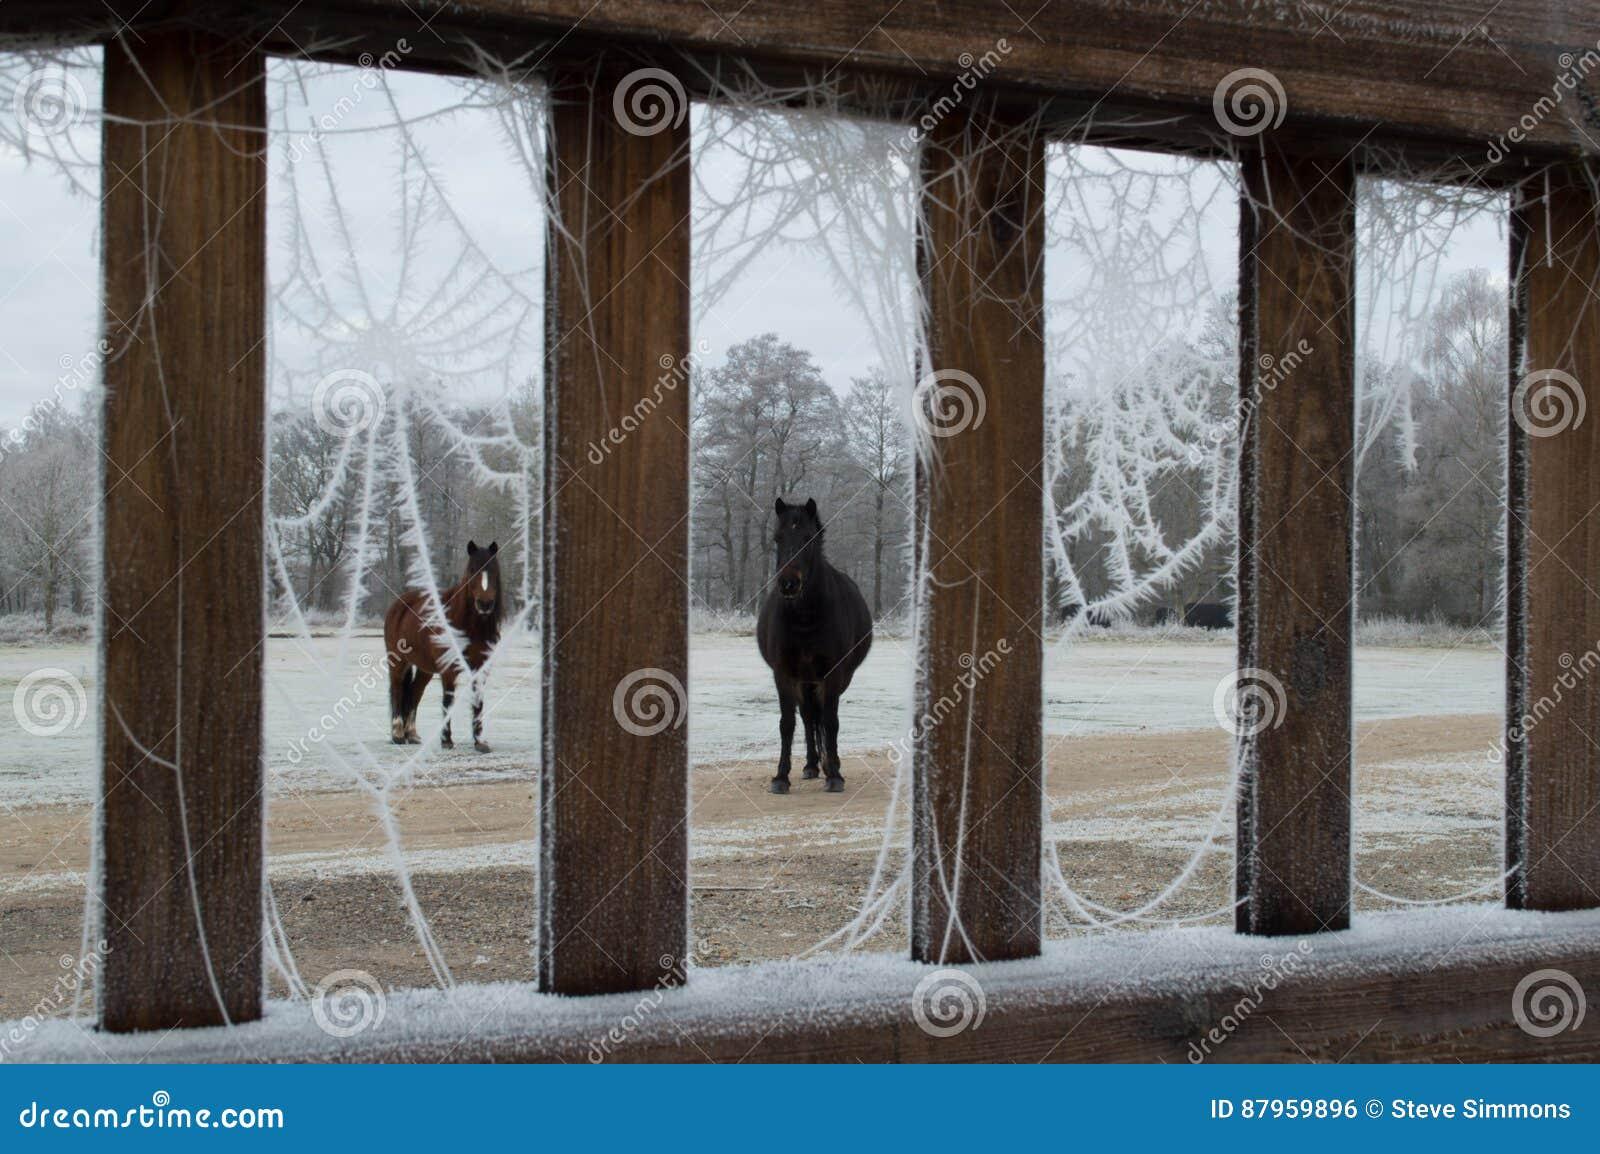 Ponies Through the Barm Door